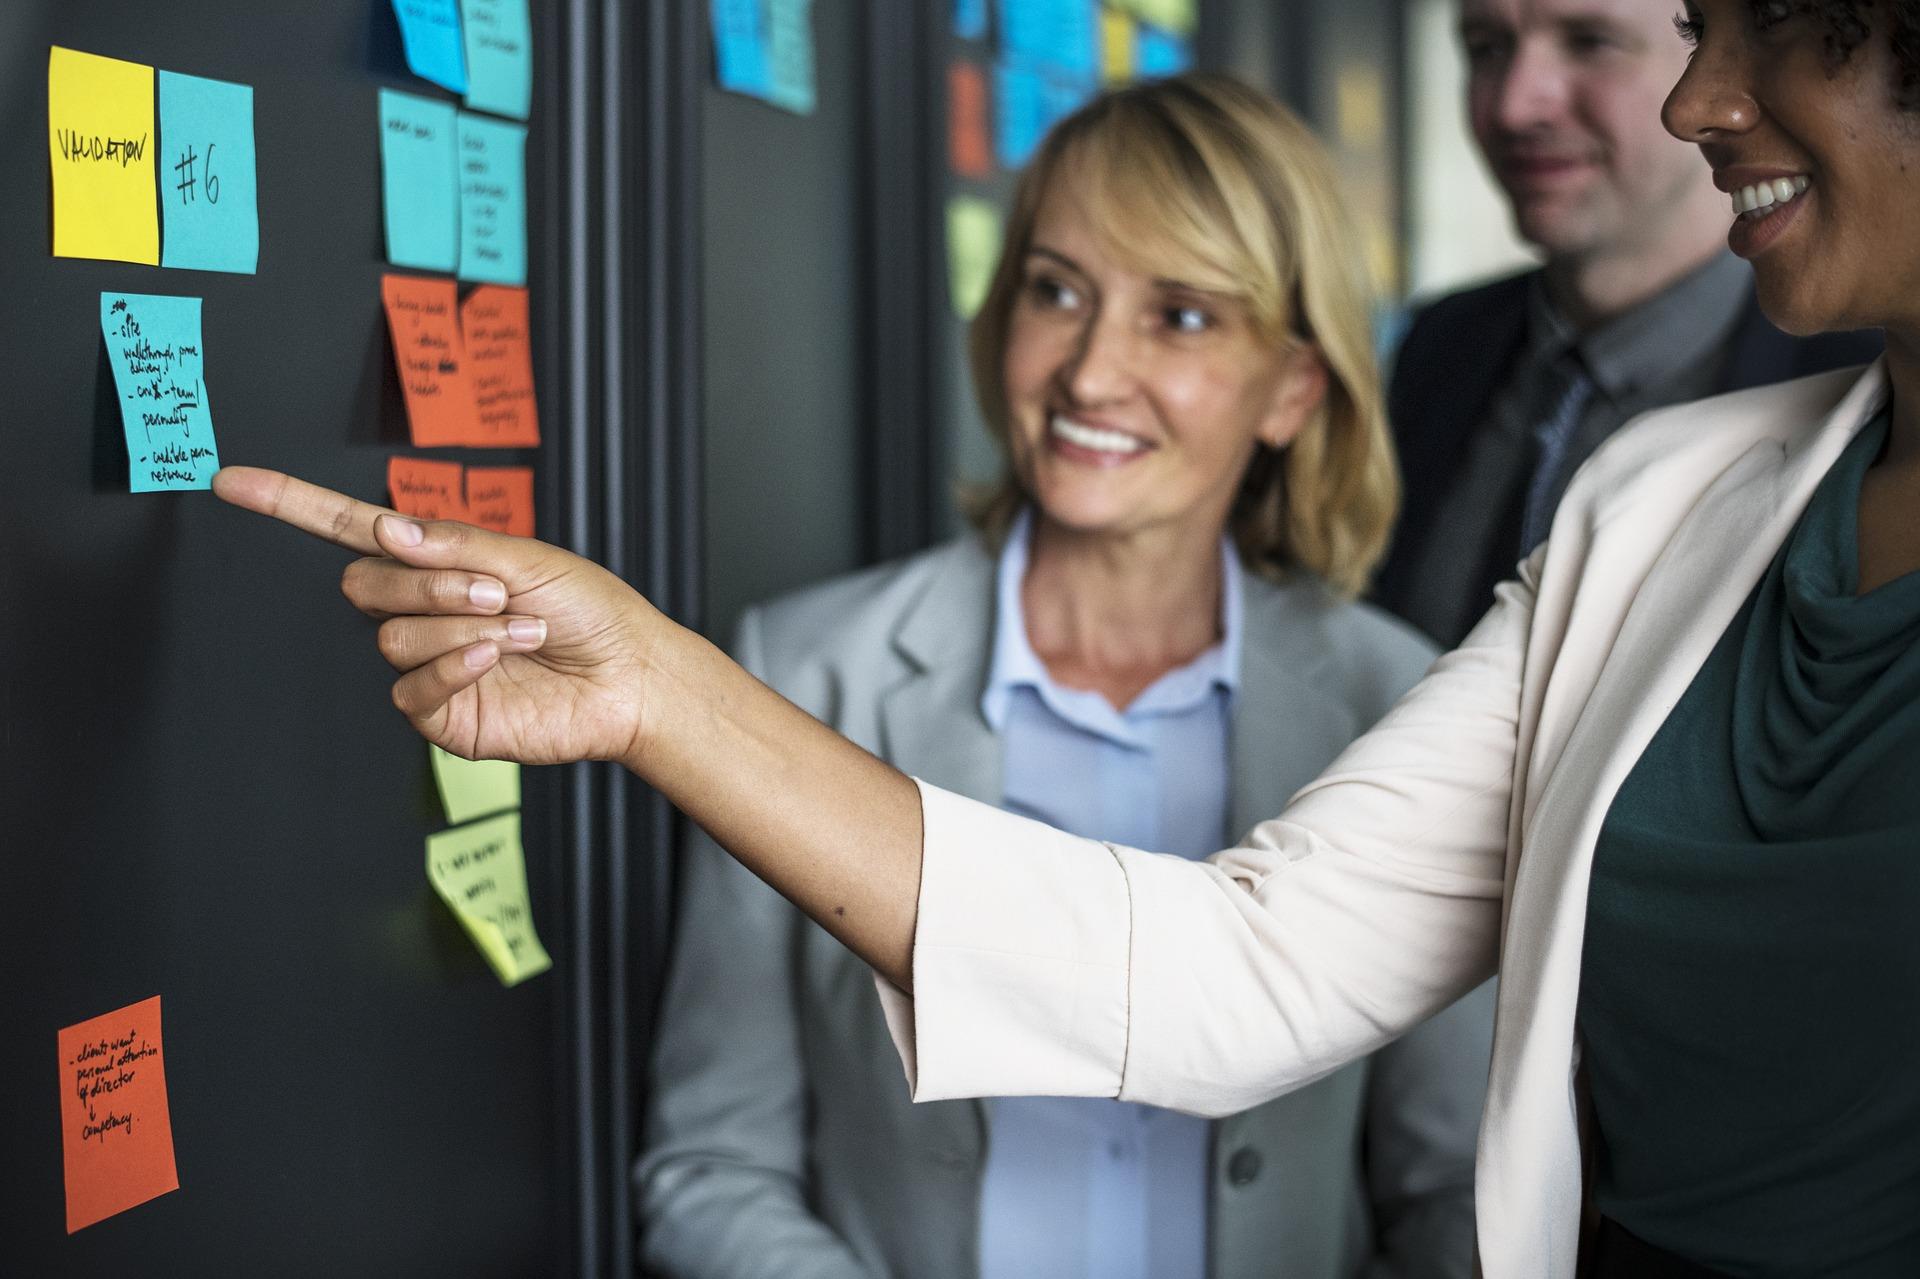 Comment engager les collaborateurs d'un grand groupe comme Cegos dans une démarche d'Employee Advocacy ?